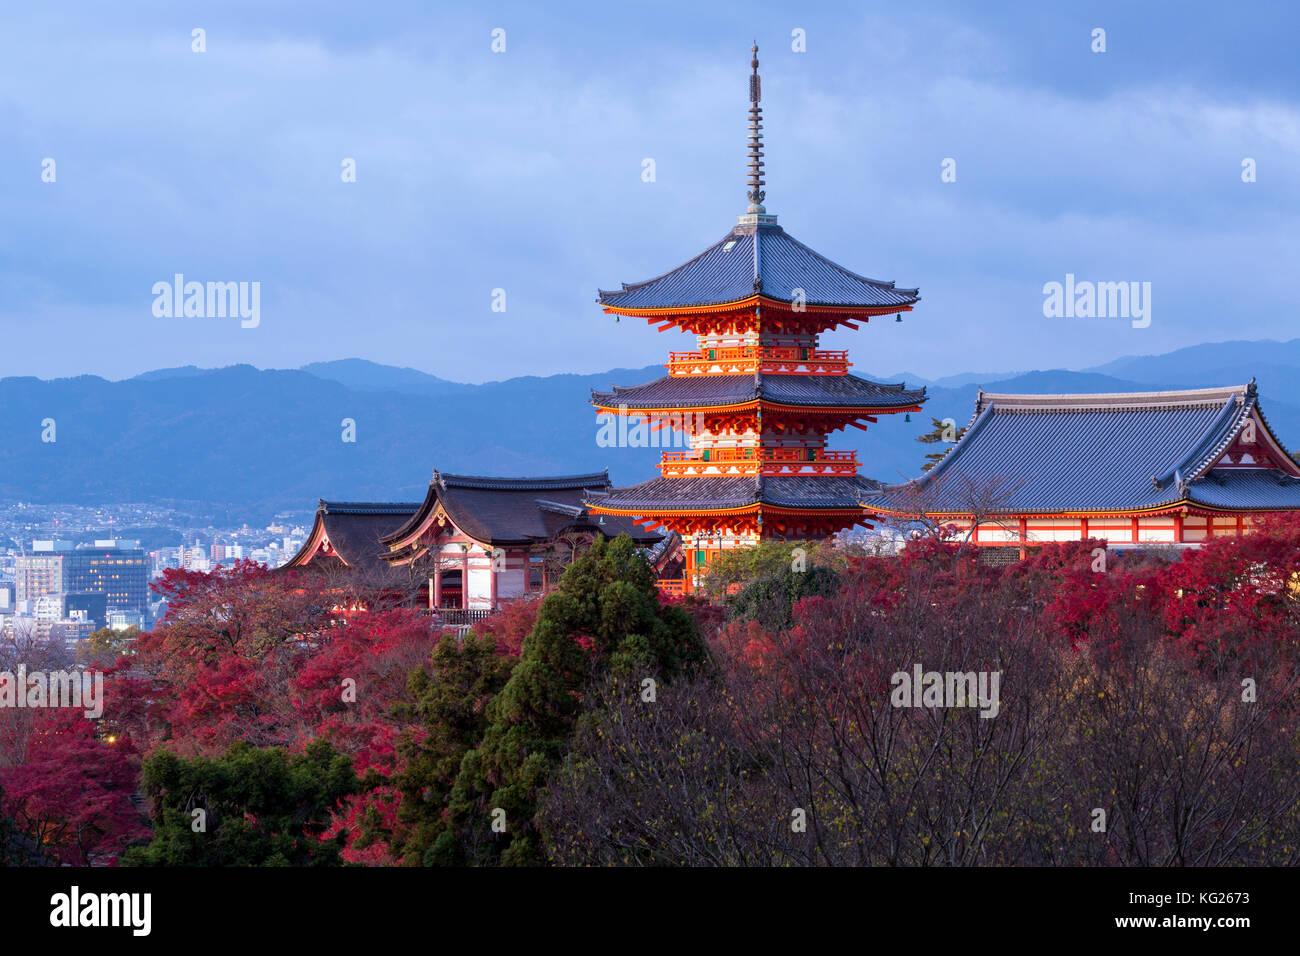 El templo Kiyomizu-dera, sitio del patrimonio mundial de la unesco, Kyoto, Honshu, Japón, Asia Imagen De Stock